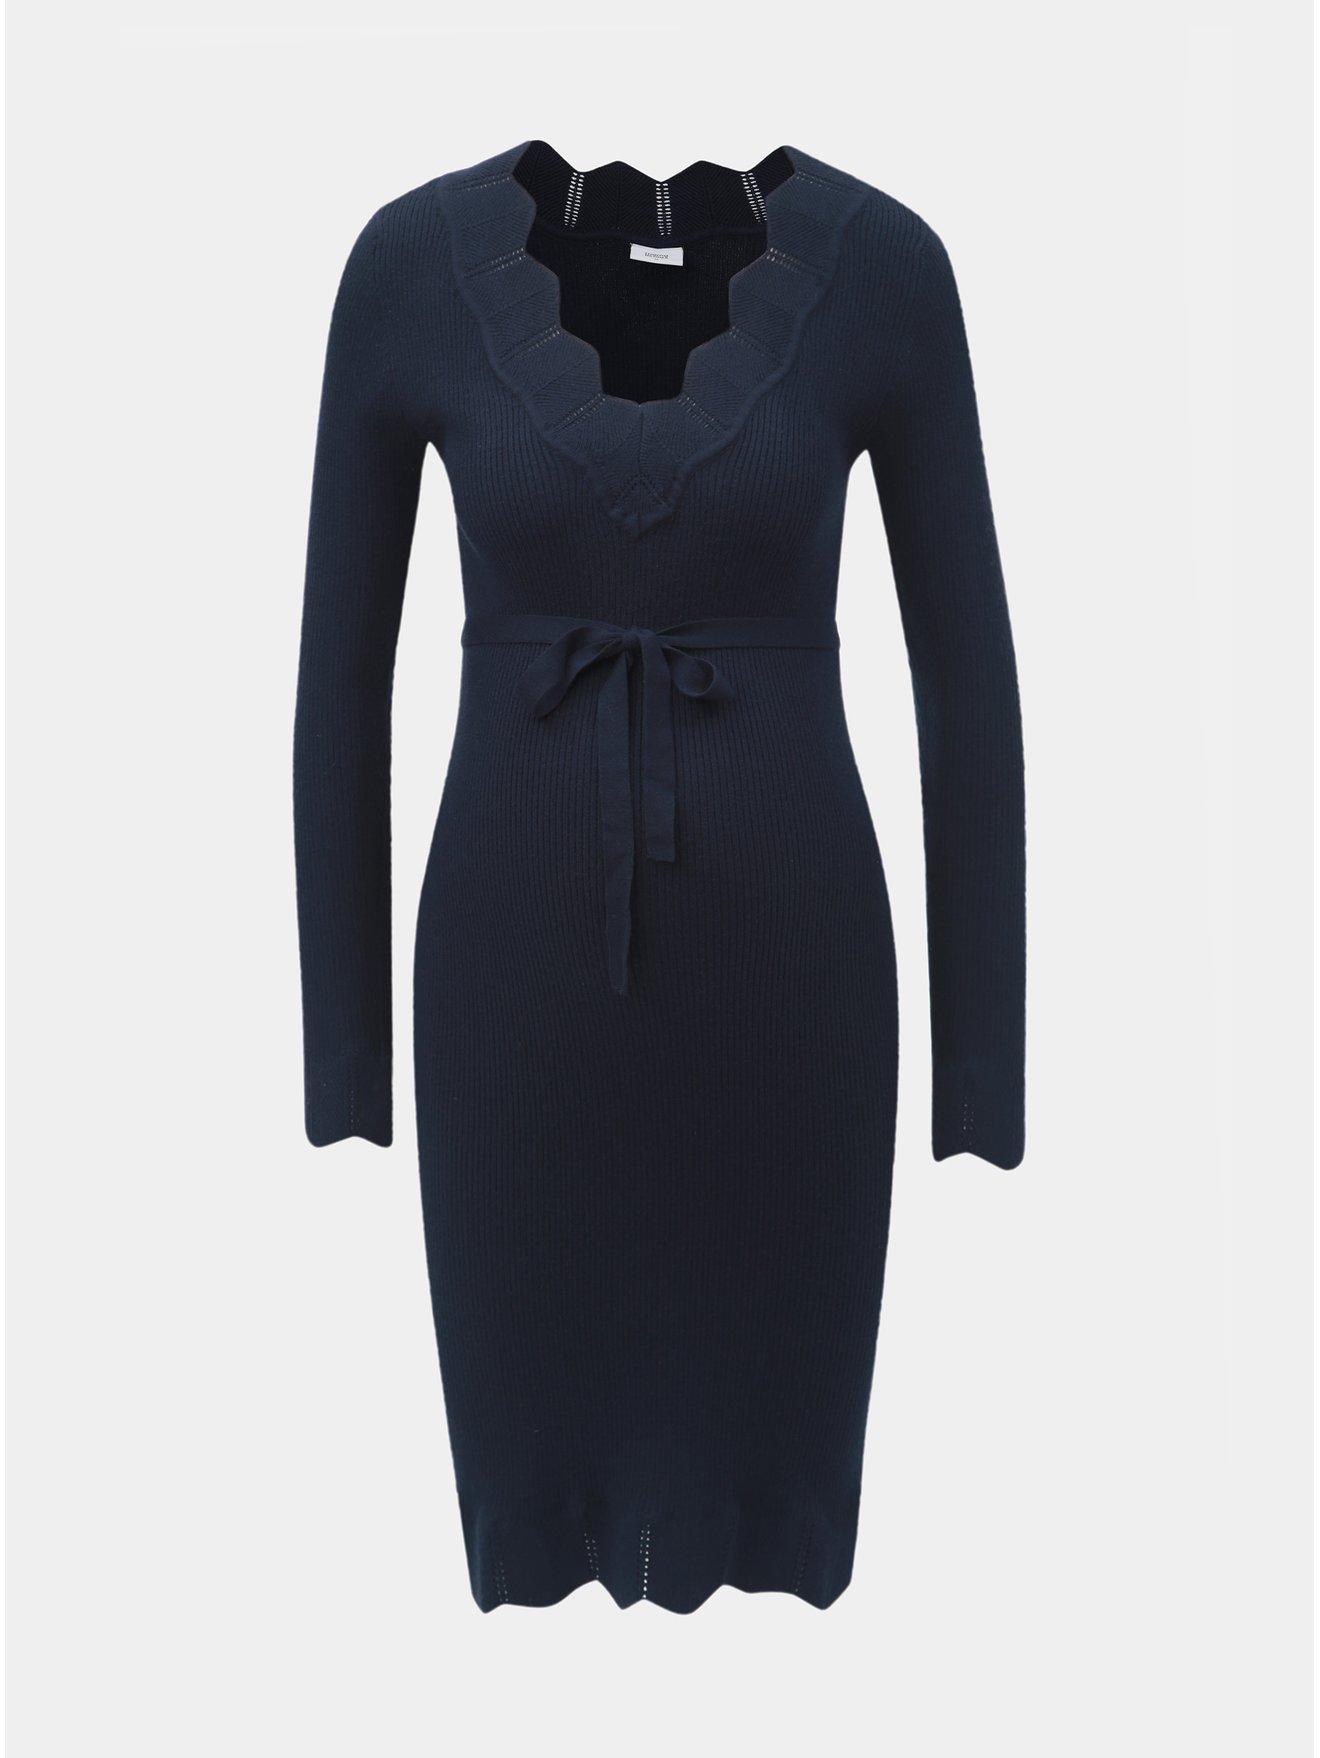 Tmavě modré těhotenské svetrové šaty Mama.licious Eva 41e54fa7eb